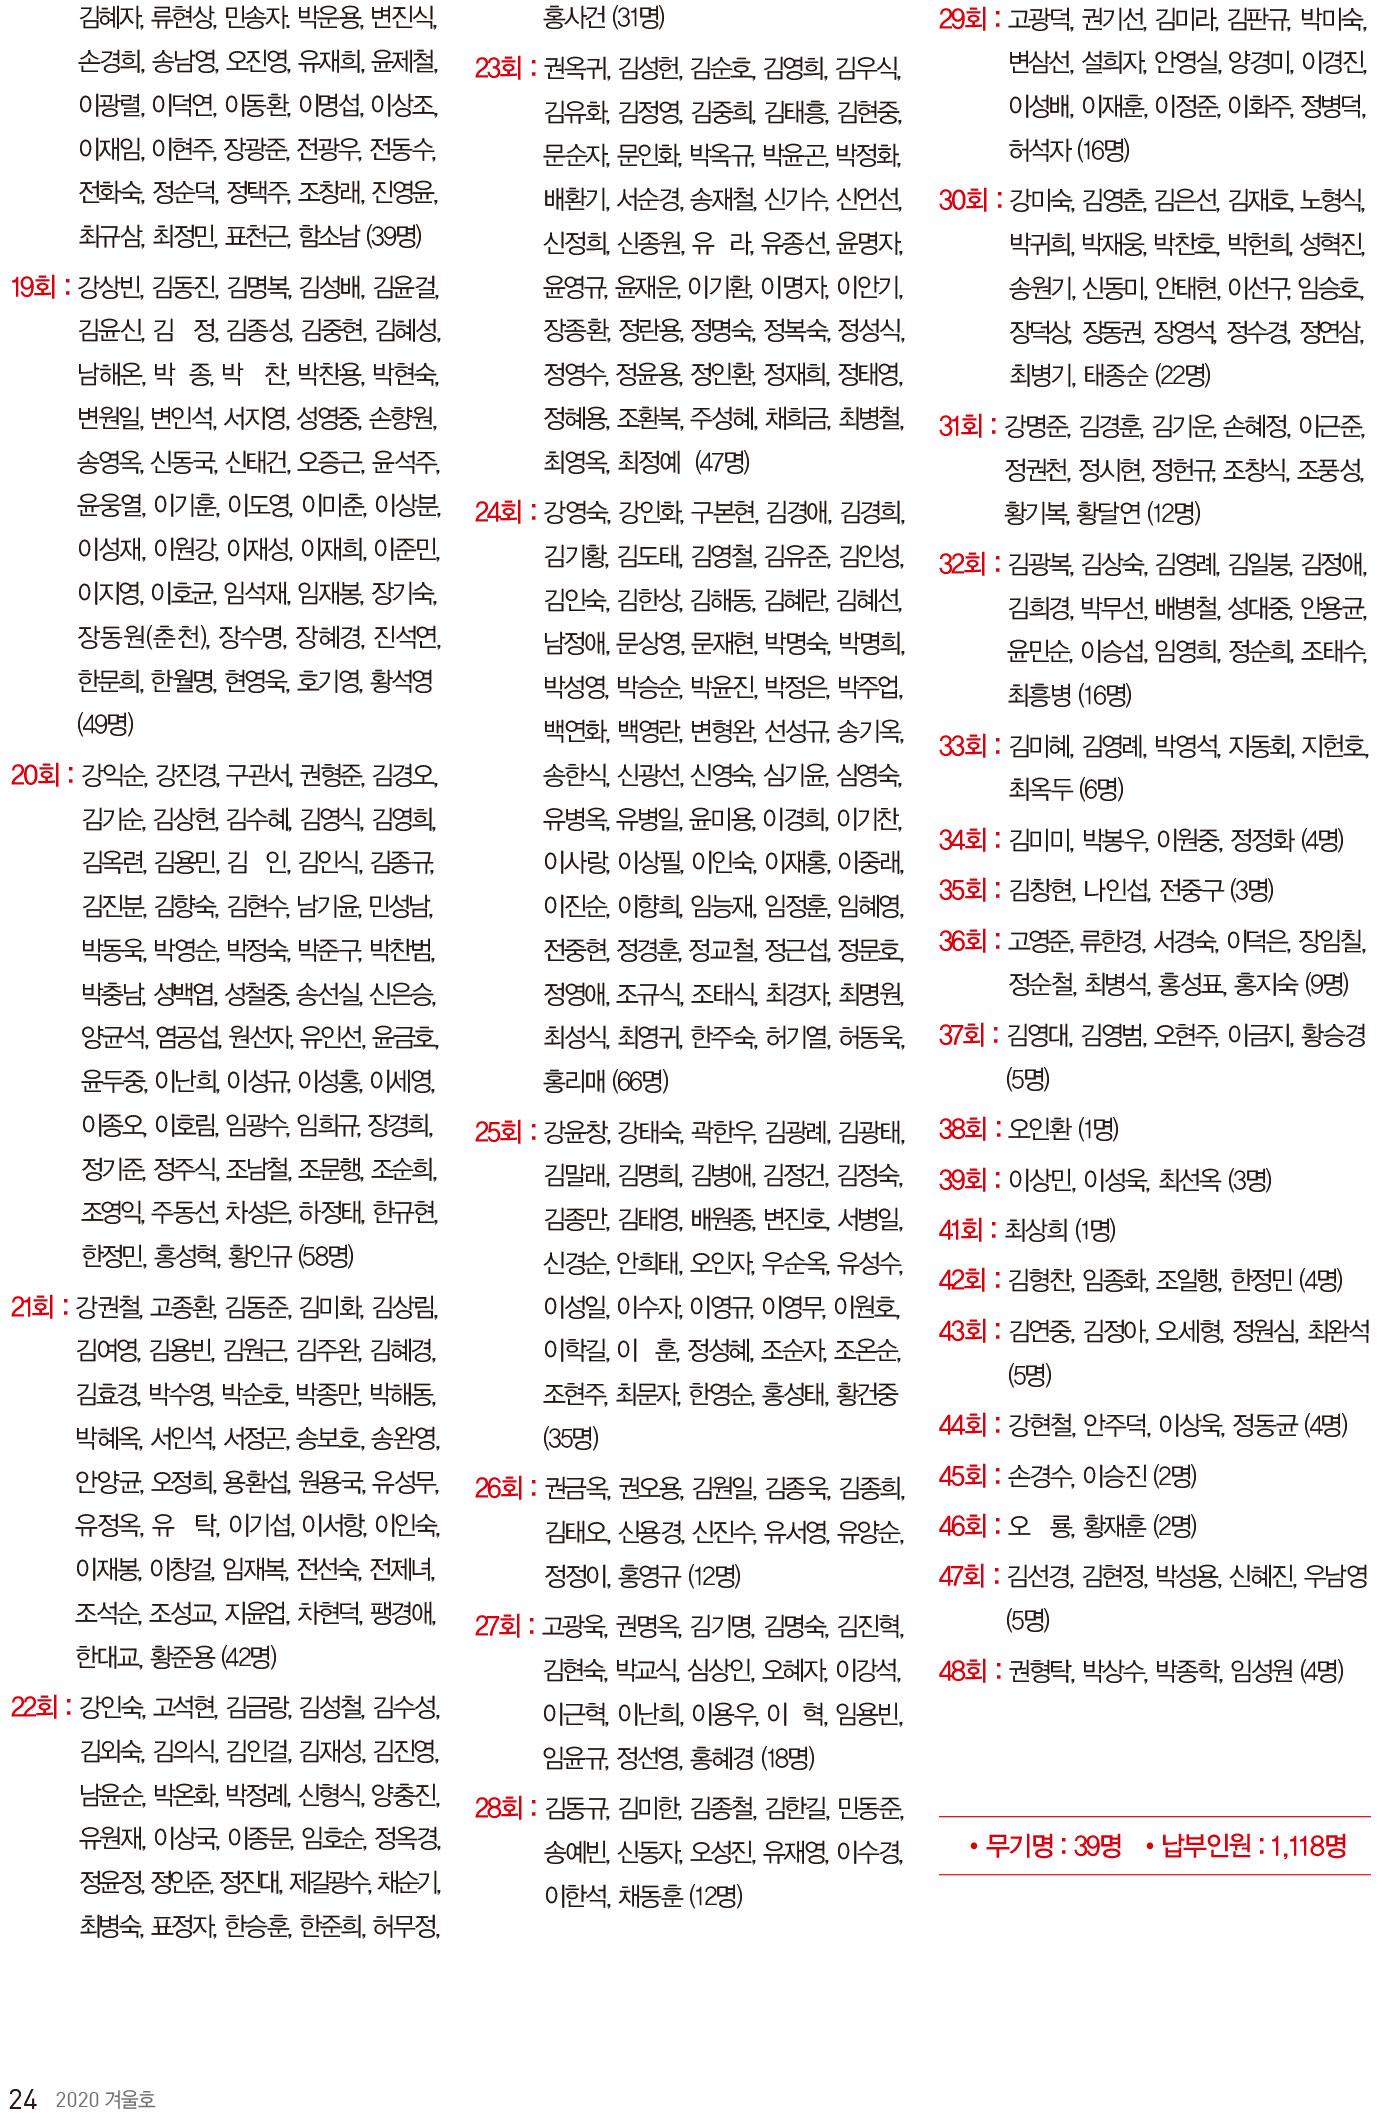 서울사대부고-115호-홈페이지-24.jpg